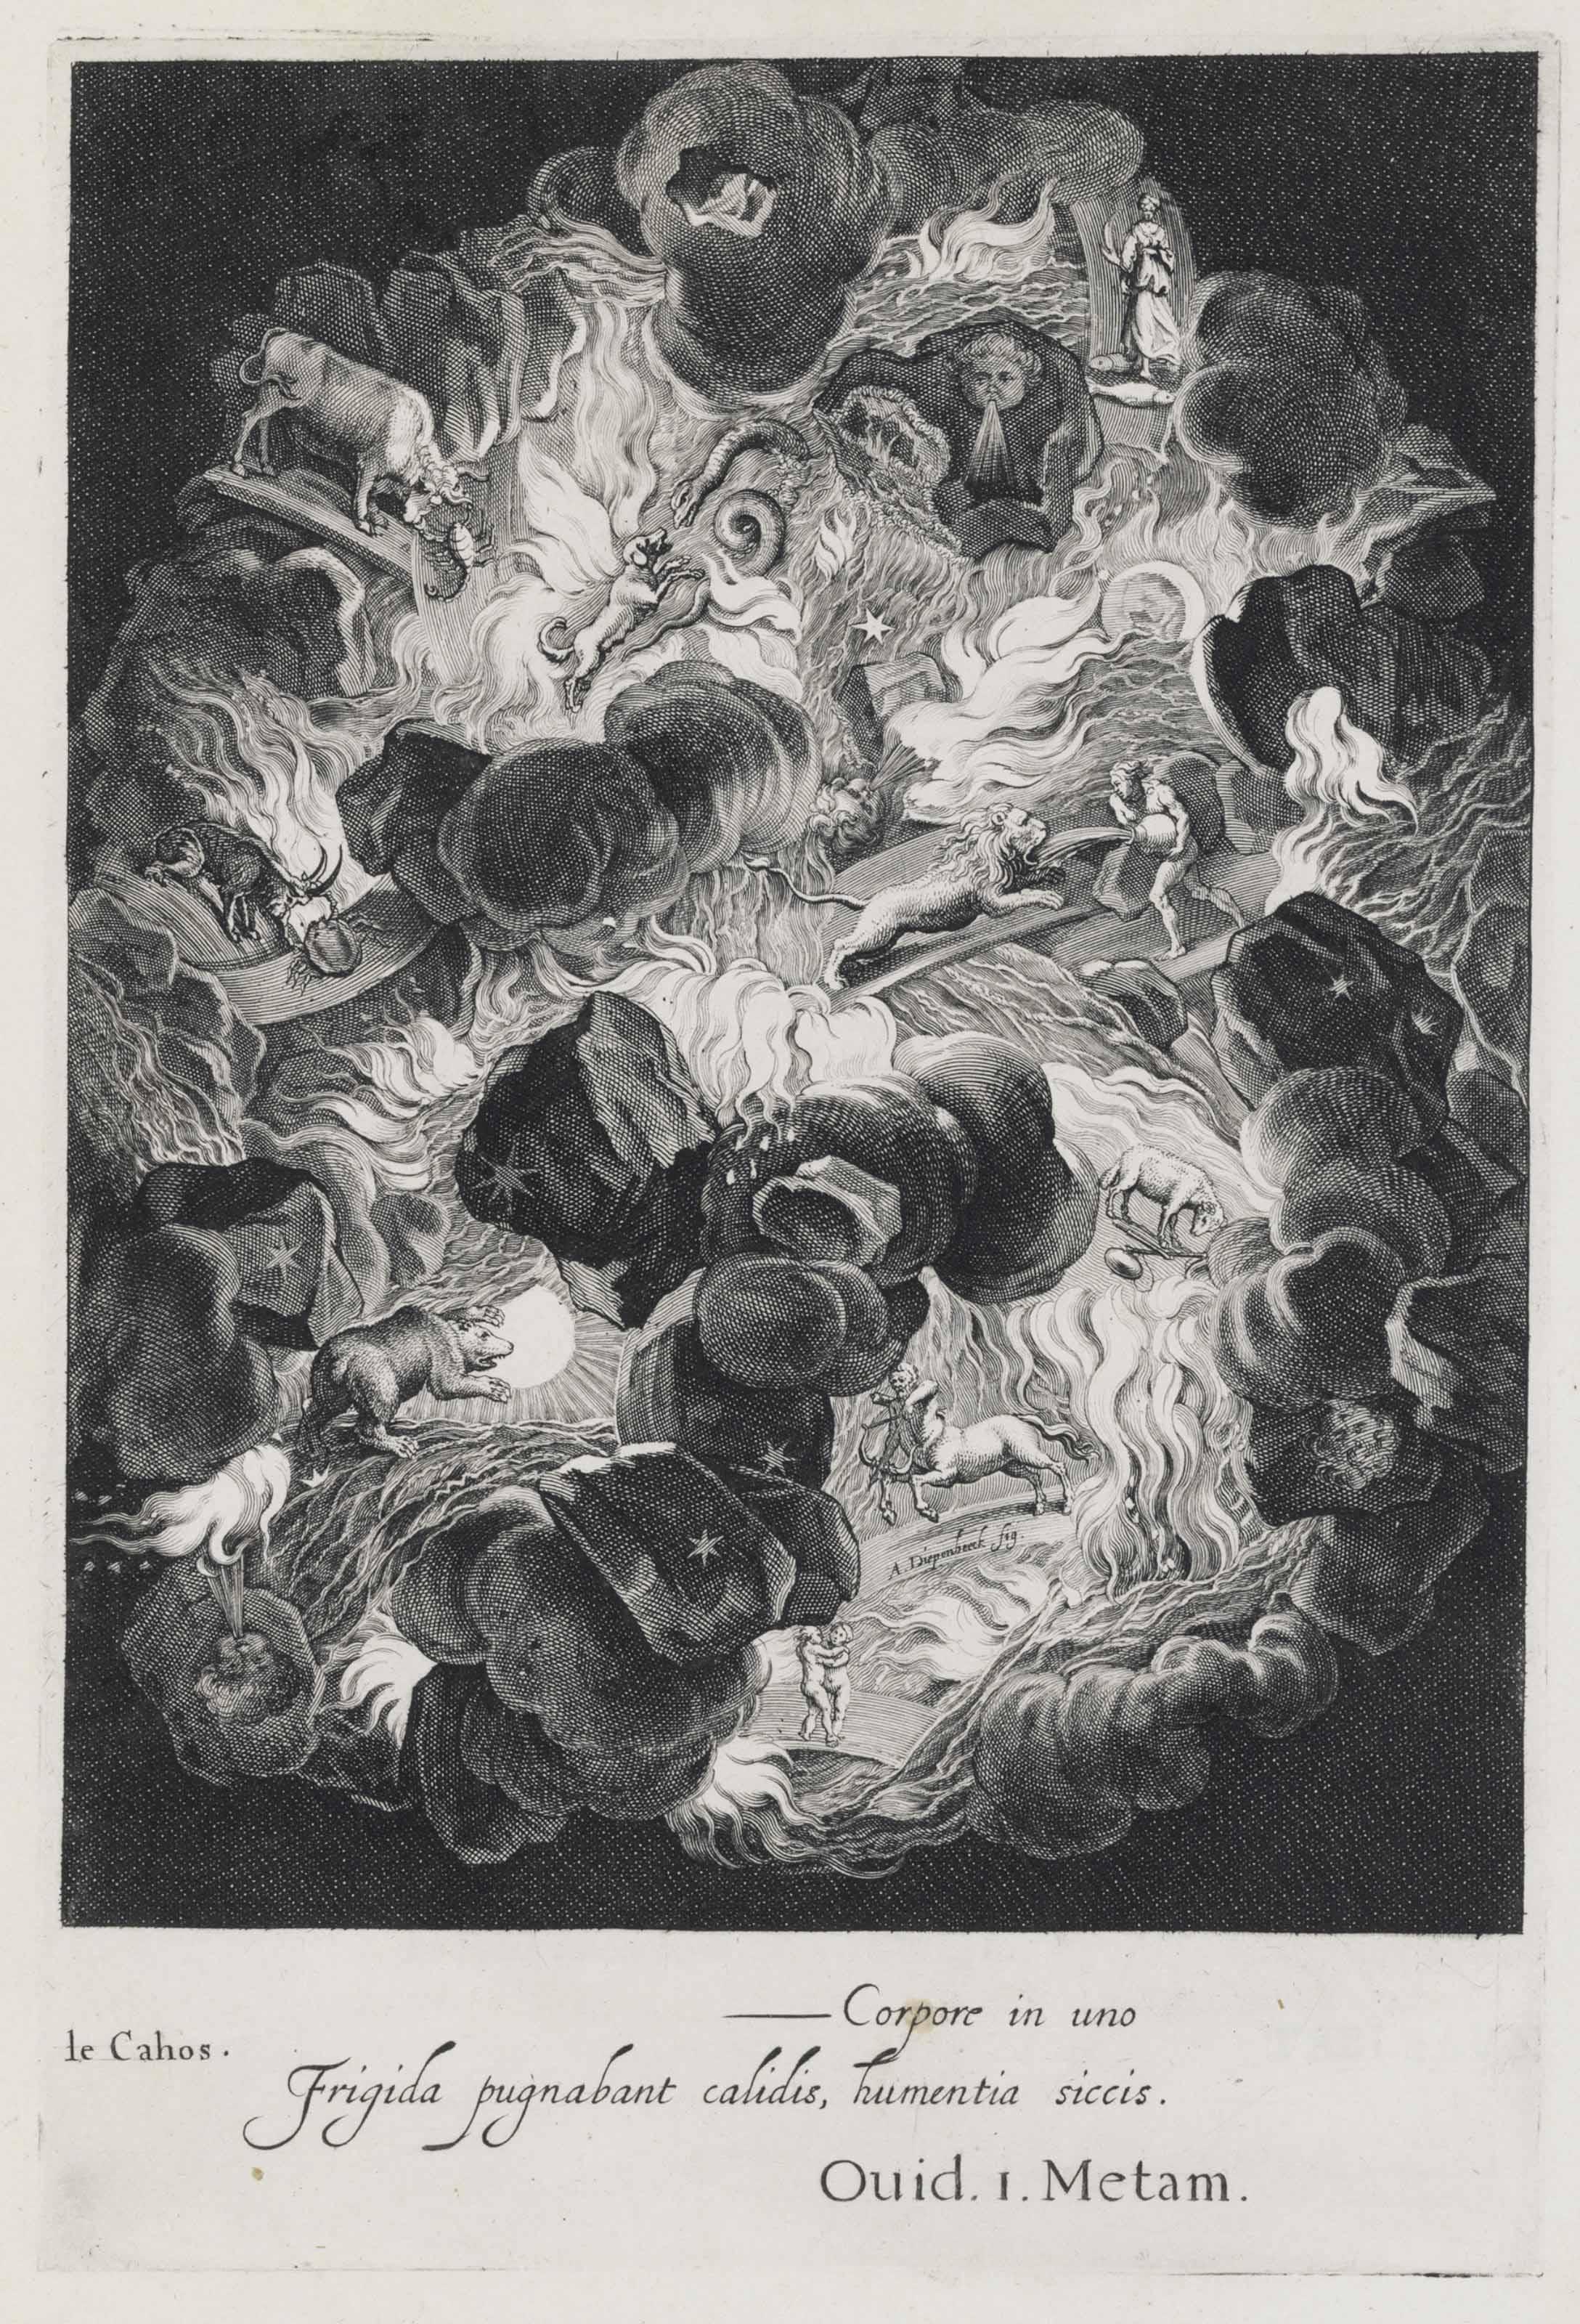 MAROLLES, Michel de (1600-1681). Tableaux du temple des muses tirez du cabinet de feu Mr. Favereau. Paris: Antoine de Sommaville, 1655.